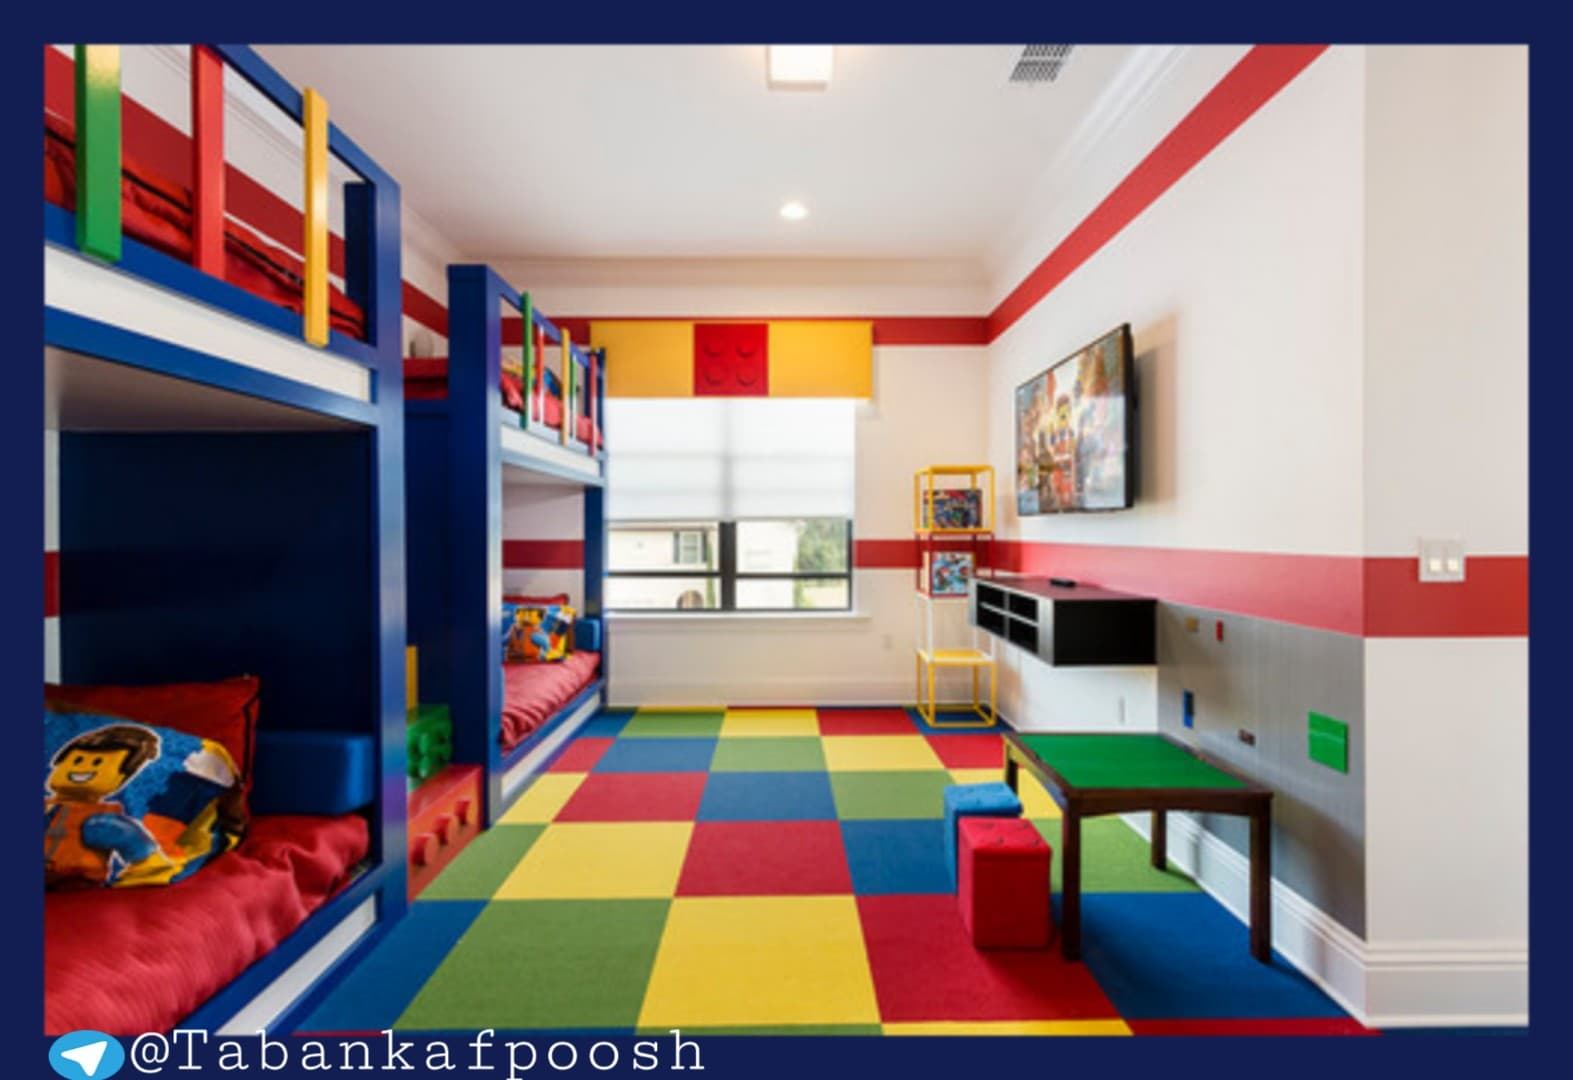 فروشگاه اینترنتی کفپوش اتاق کودک